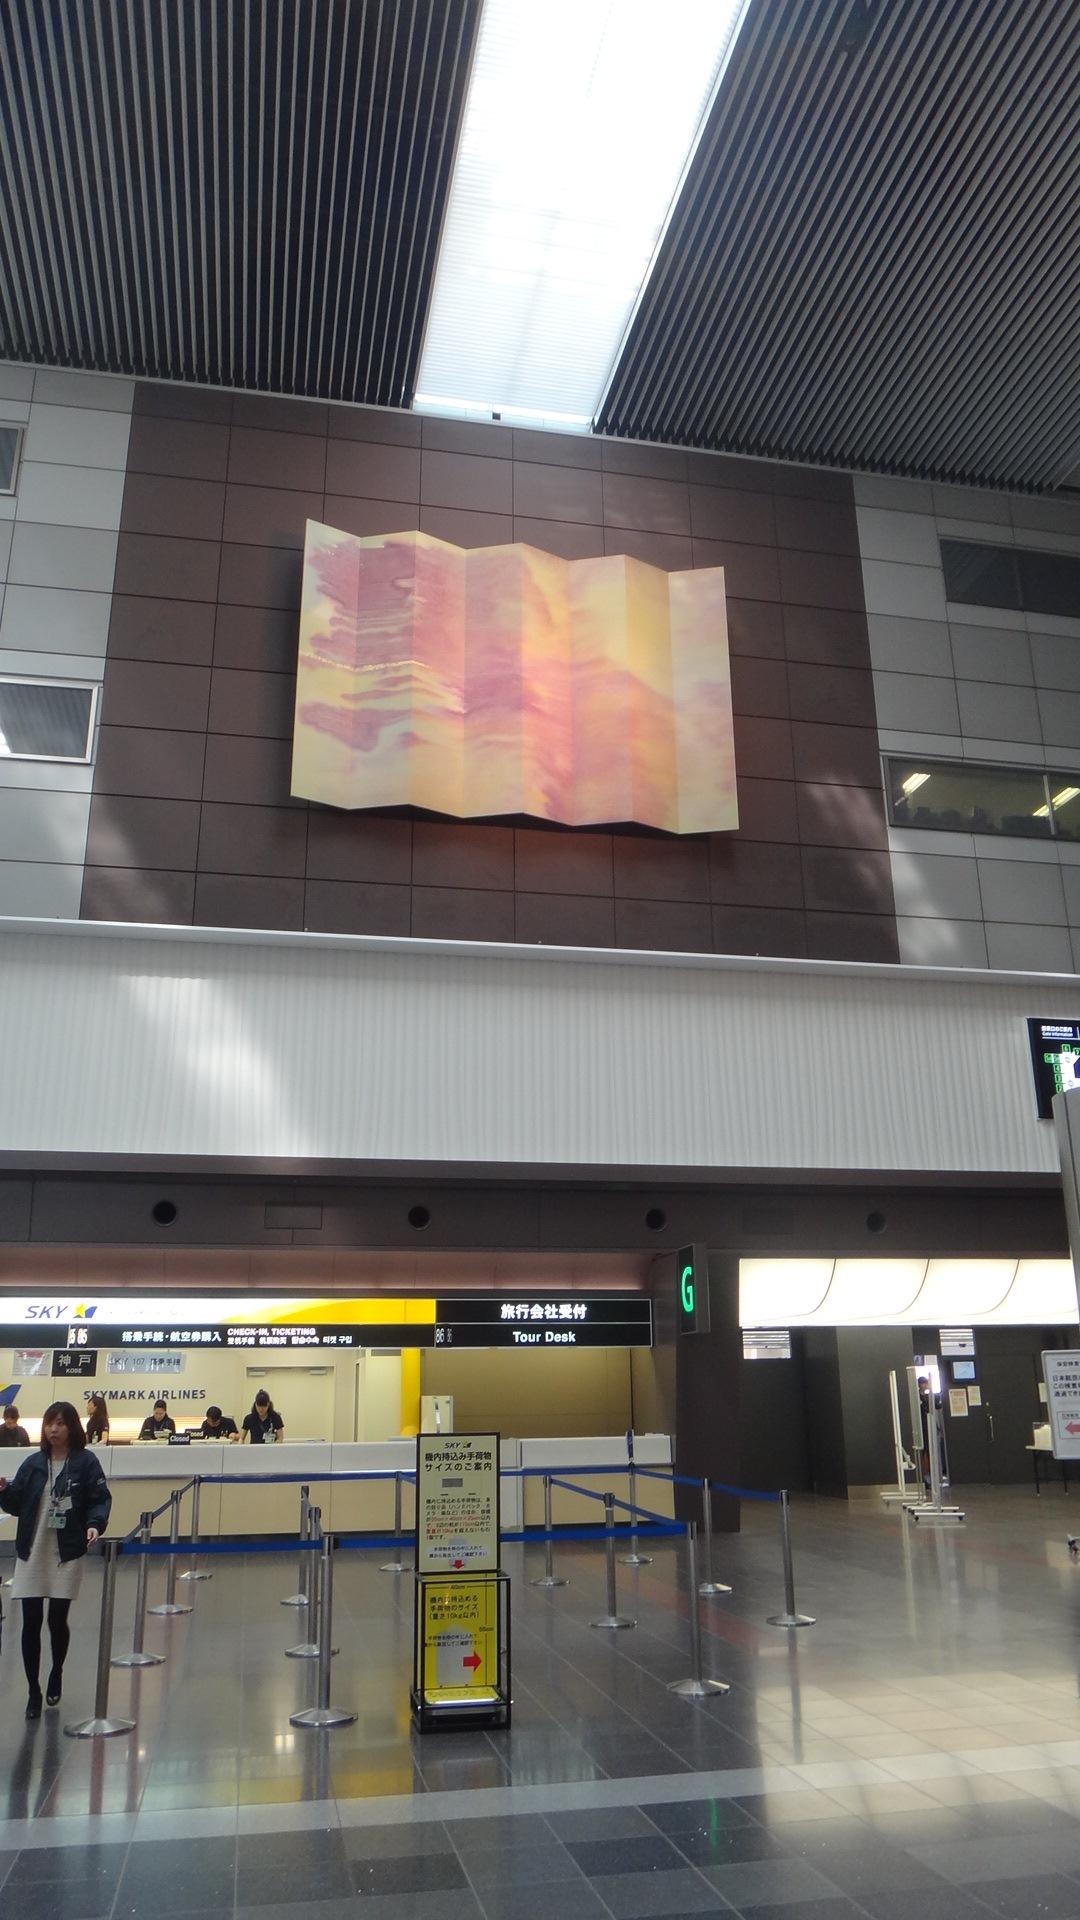 羽田空港・壁画6